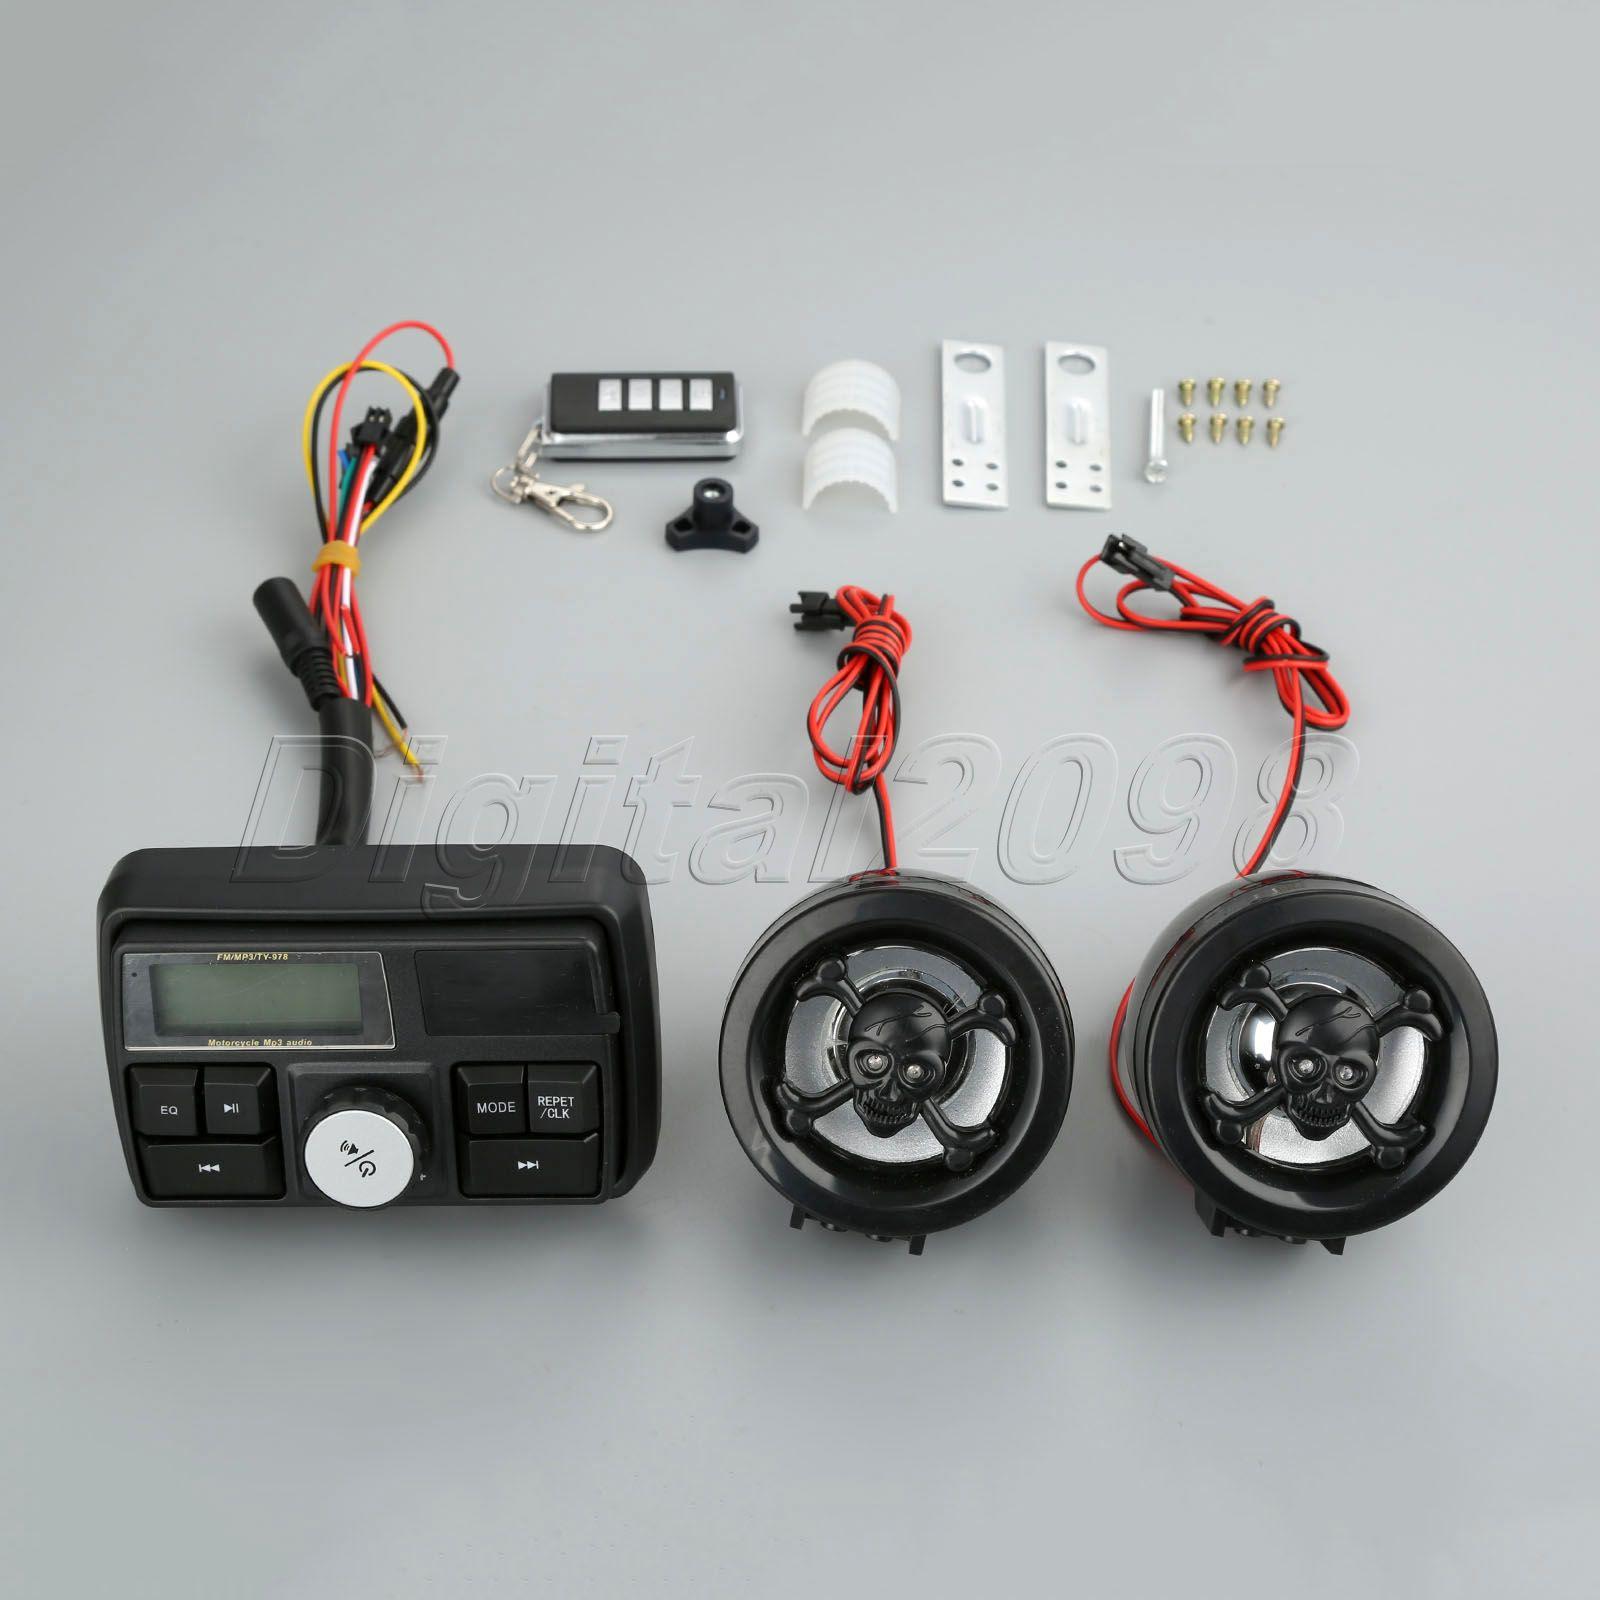 1set étanche moto amplificateur Audio système de son Anti-vol FM lecteur MP3 Radio stéréo haut-parleurs système d'alarme Scooter ATV